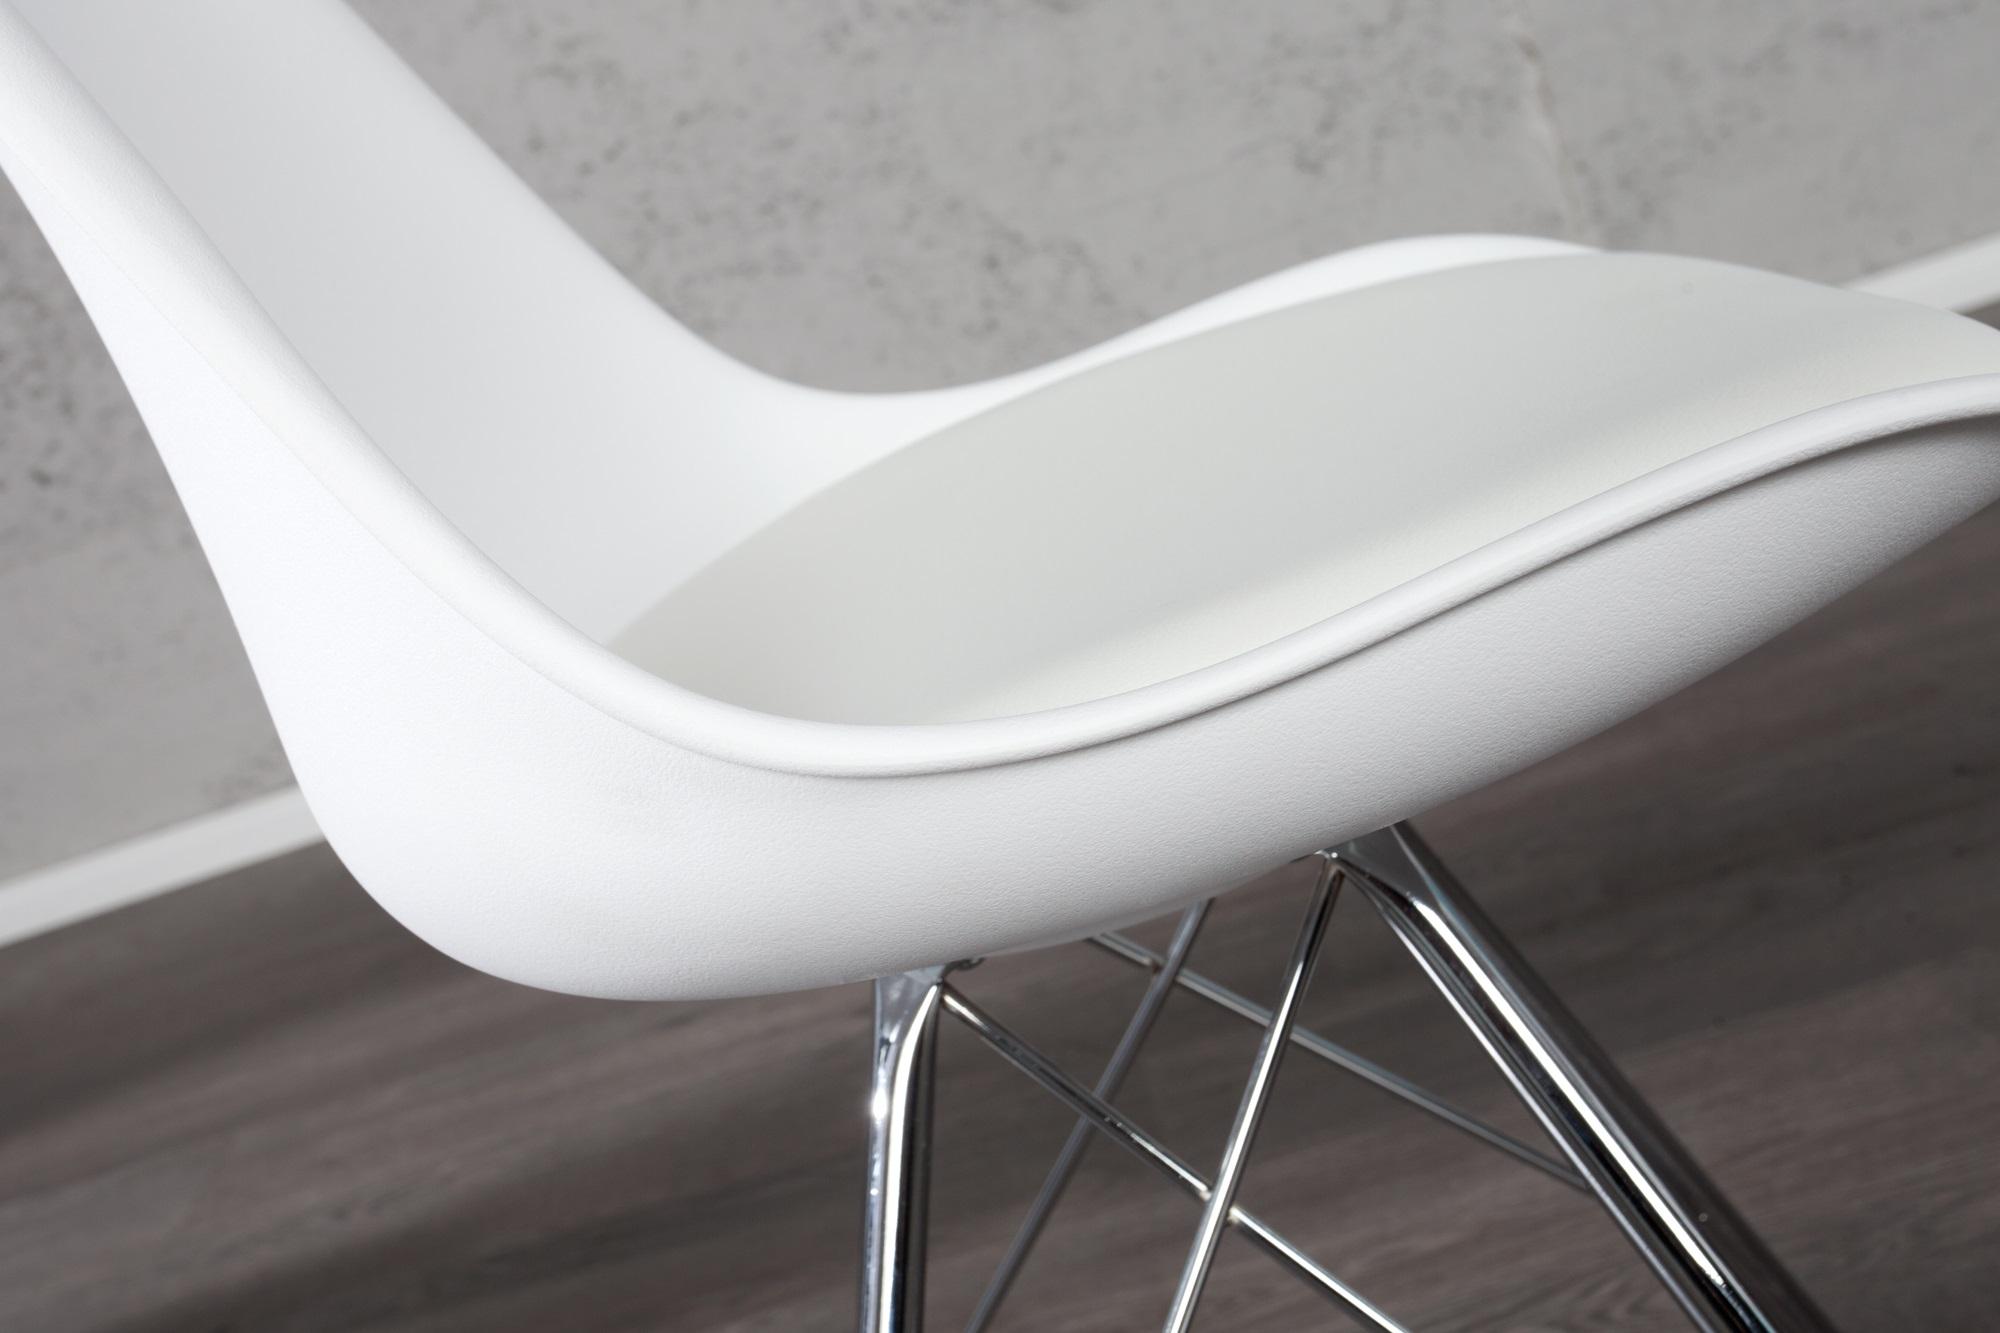 Stoel Metalen Frame : Eettafel stoelen metalen frame home affaire eettafel miami beach